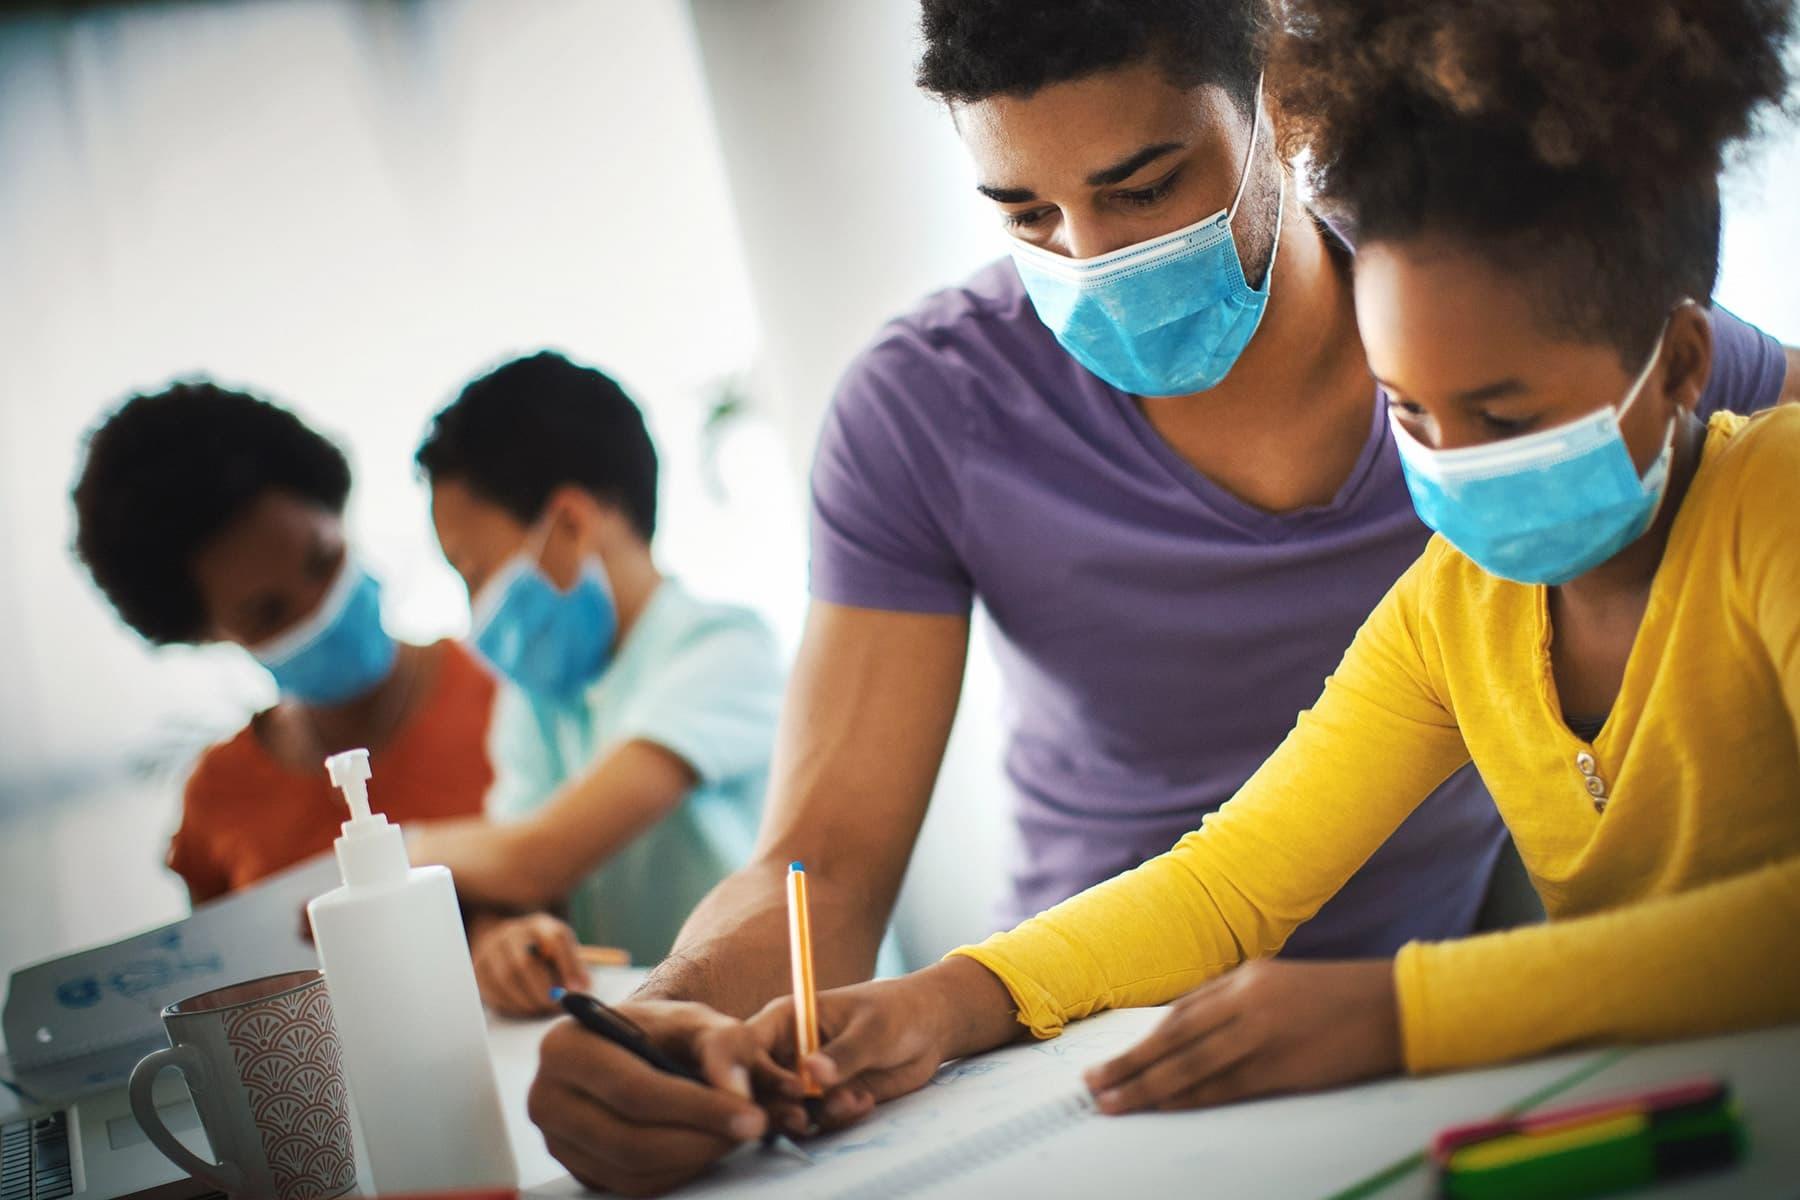 Κορωνοϊός Κόσμος: Η εκπαίδευση βλάφτηκε, ωστόσο, η καινοτομία εμπνεύστηκε από την πανδημία